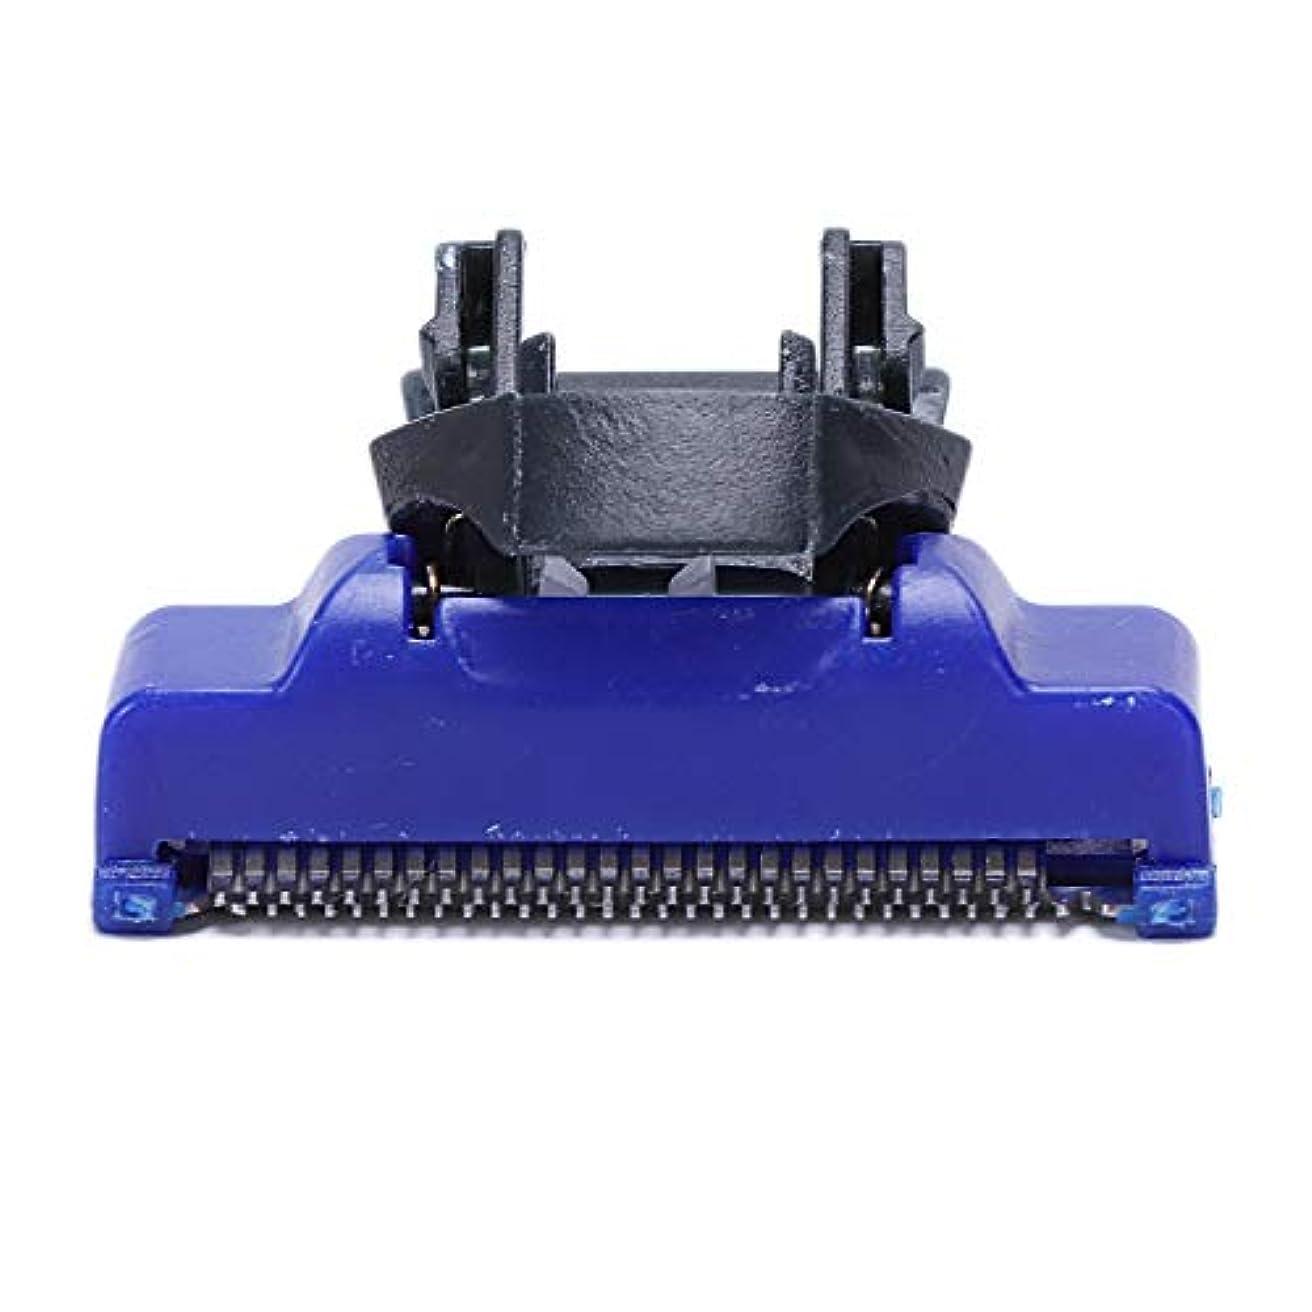 起こりやすい失われたすぐにCUHAWUDBA Micropress Solo用マルチパッケージメンズシェーバー回転両面ブレードヘッド